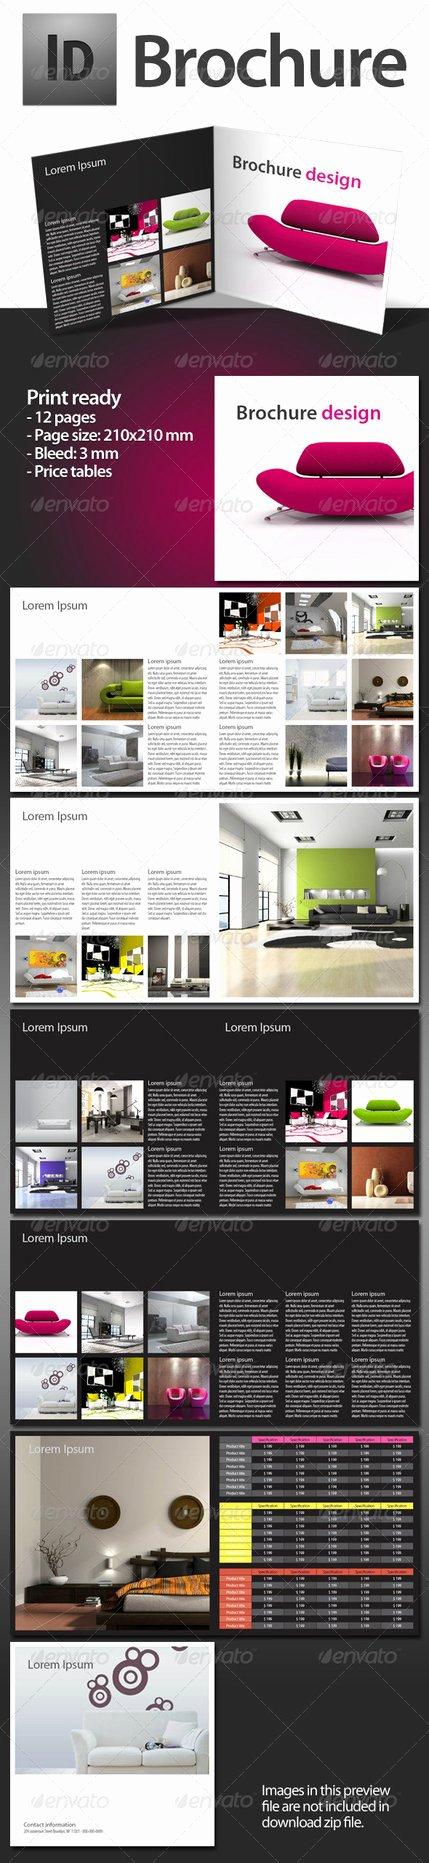 Indesign order form Template Lovely Brochure Indesign Template by bydj On Deviantart